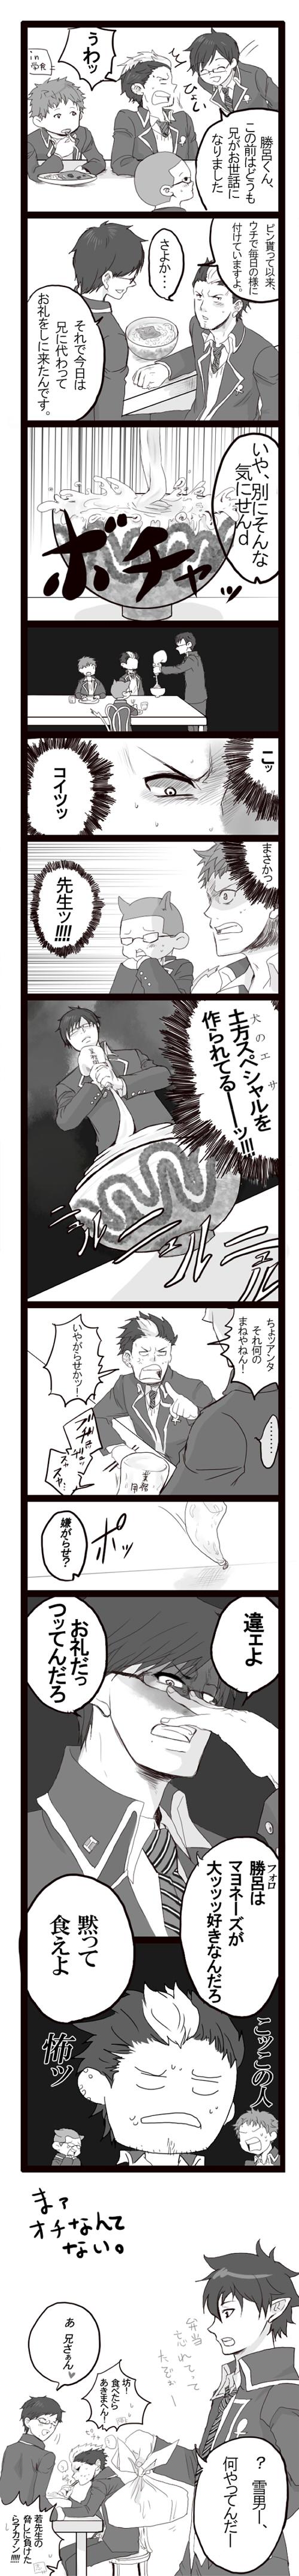 Tags: Anime, Ao no Exorcist, Okumura Yukio, Okumura Rin, Shima Kinzou, Suguro Ryuji, Miwa Konekomaru, Blue Exorcist